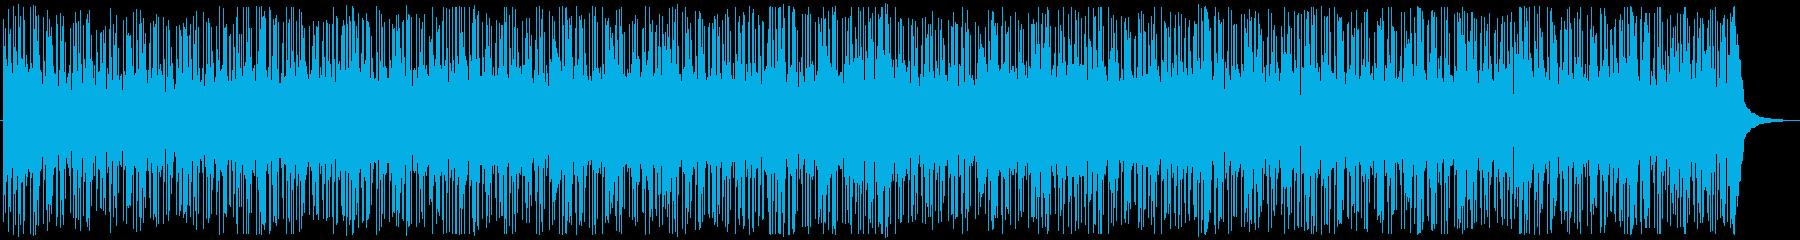 [生ギター]日常うろうろファンクロックの再生済みの波形